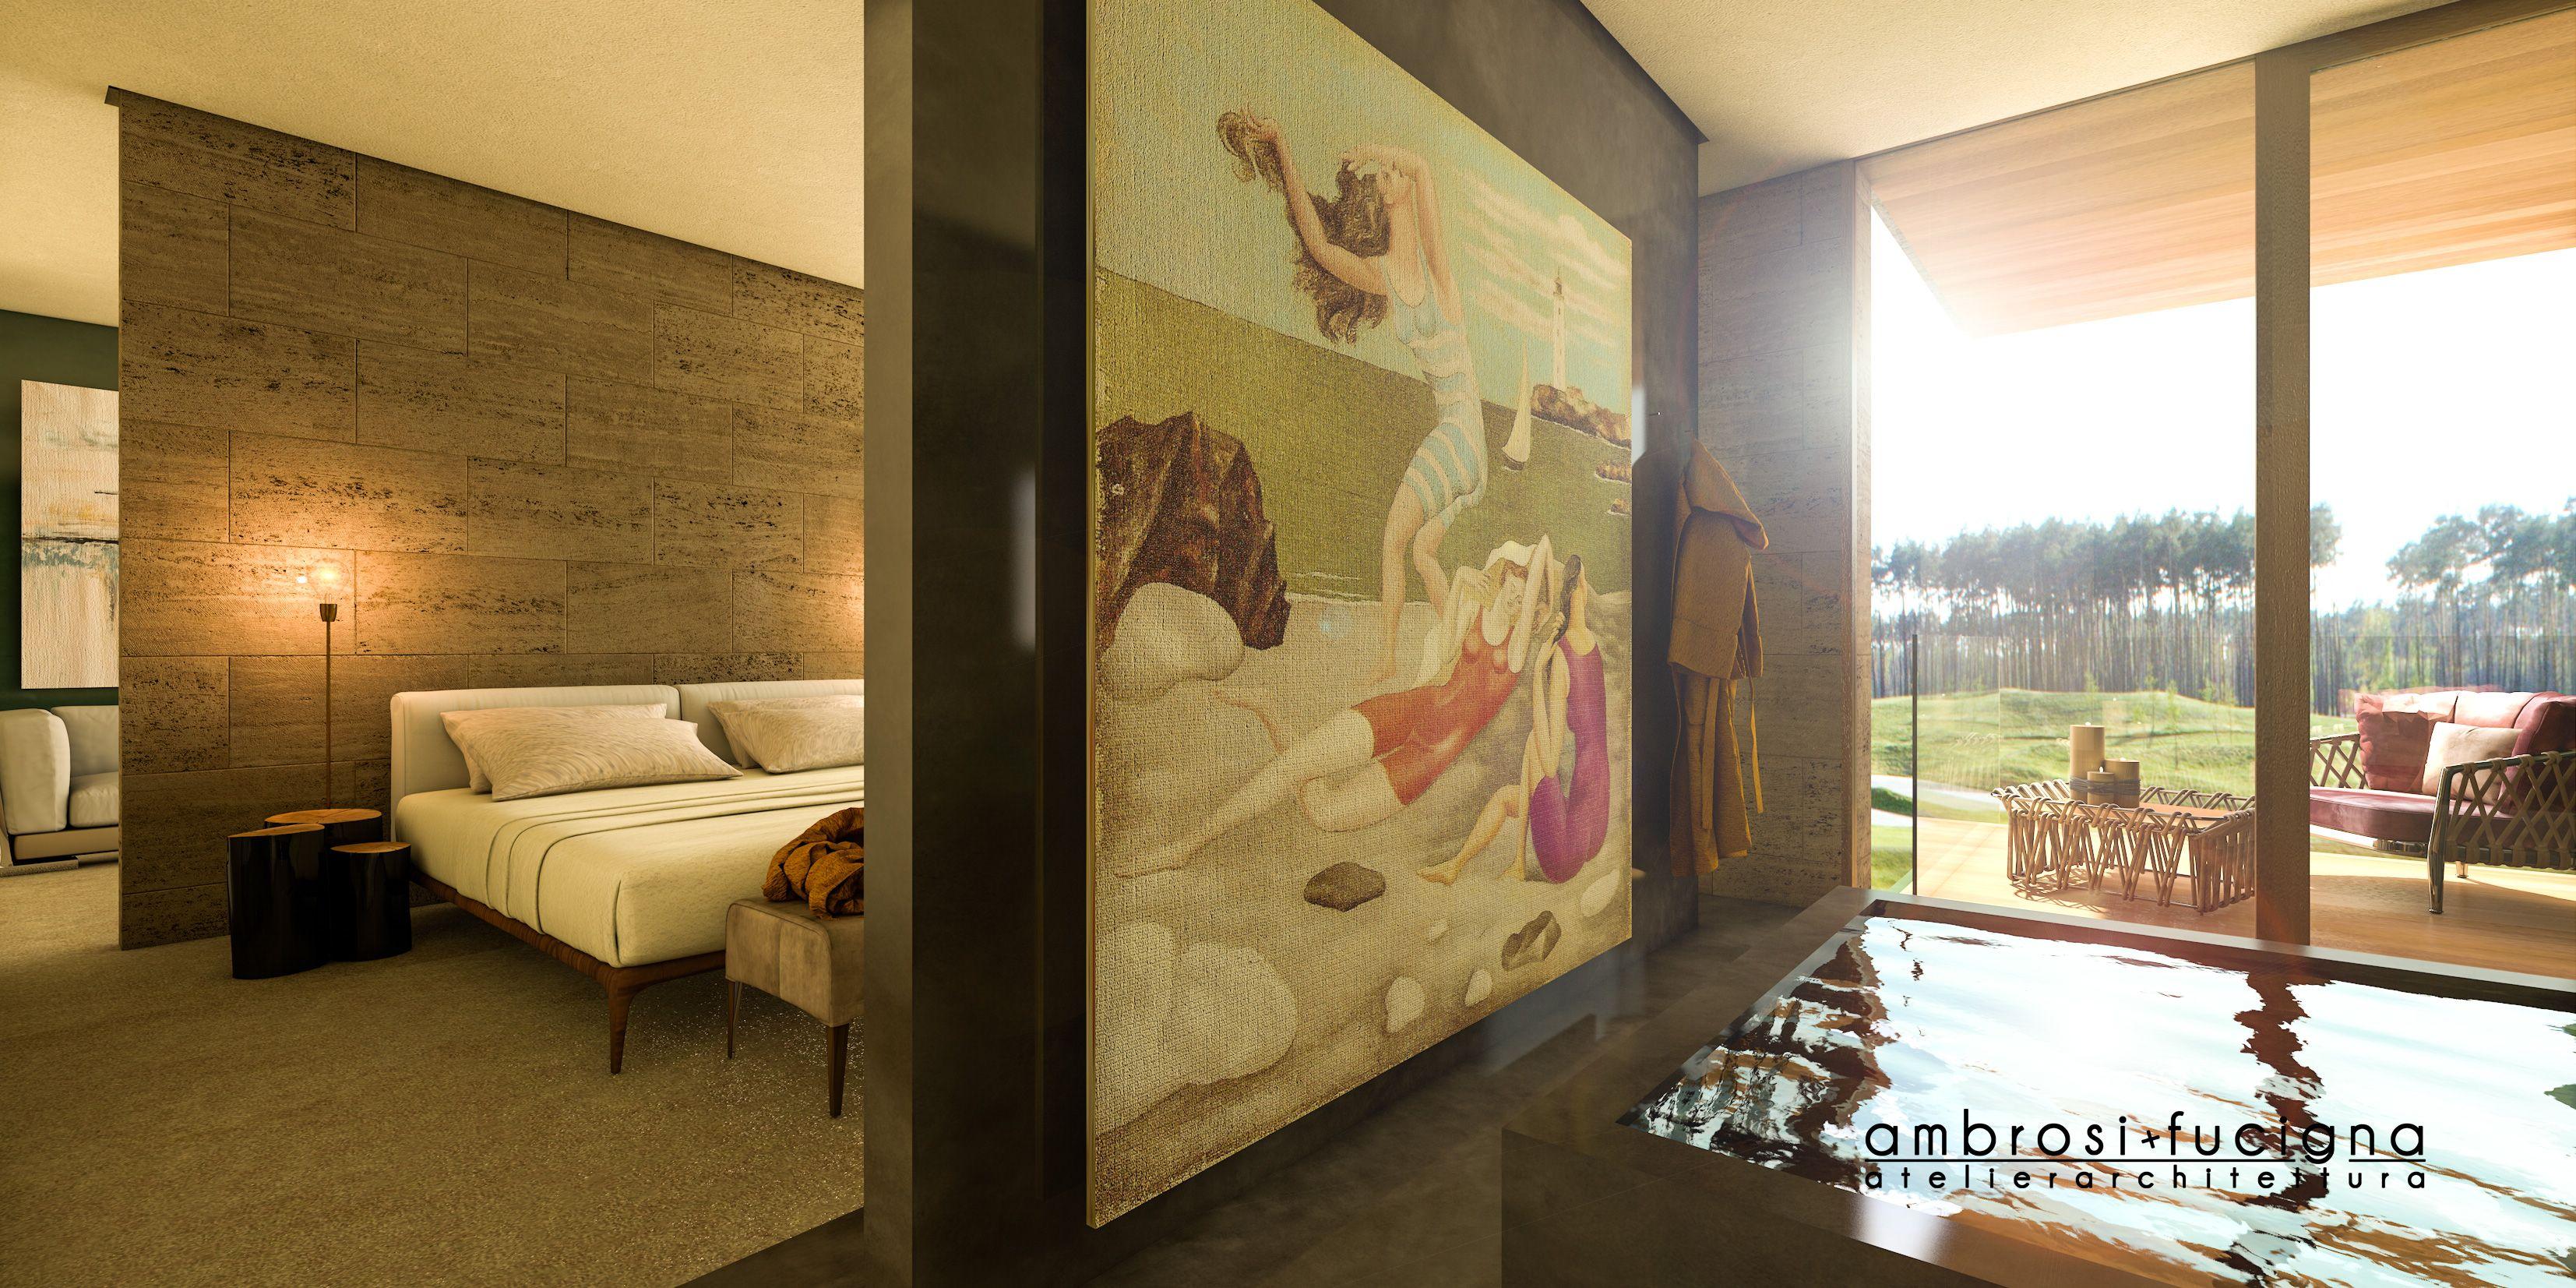 Awesome Soggiorno E Spa Ideas - Idee Arredamento Casa - baoliao.us